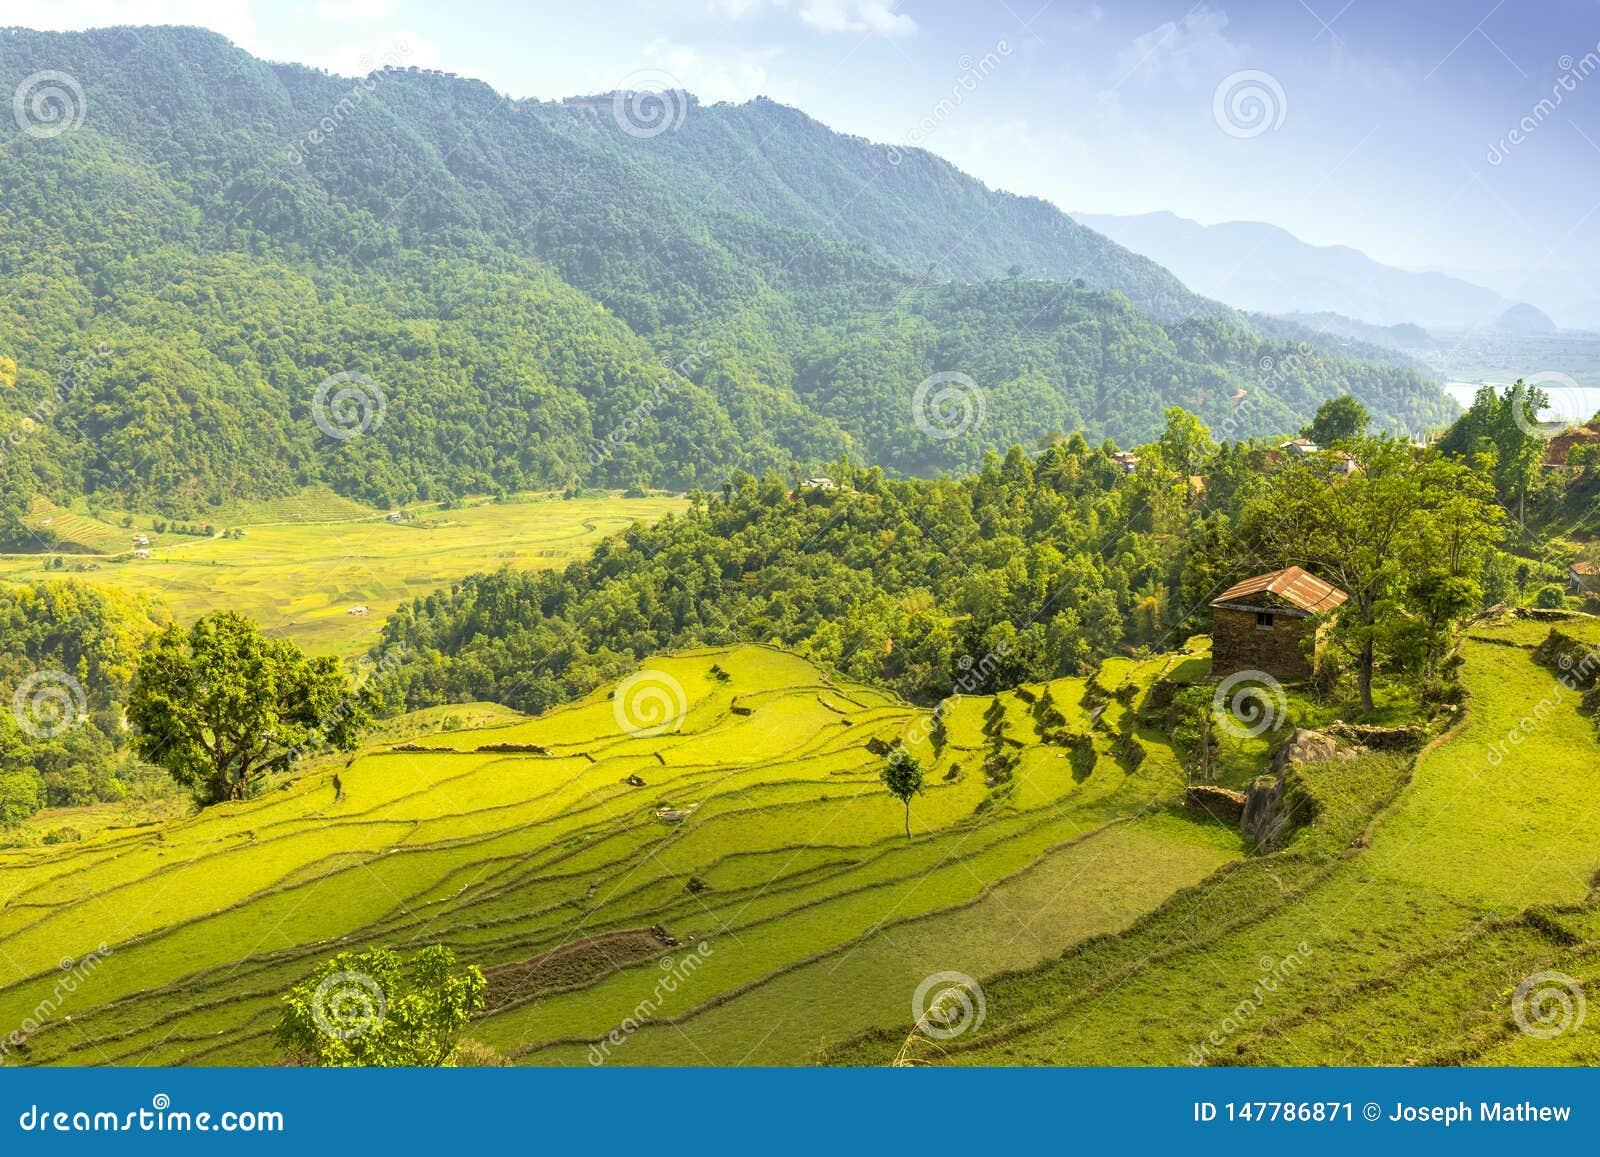 Valle verde hermoso y sola casa de la roca en una colina